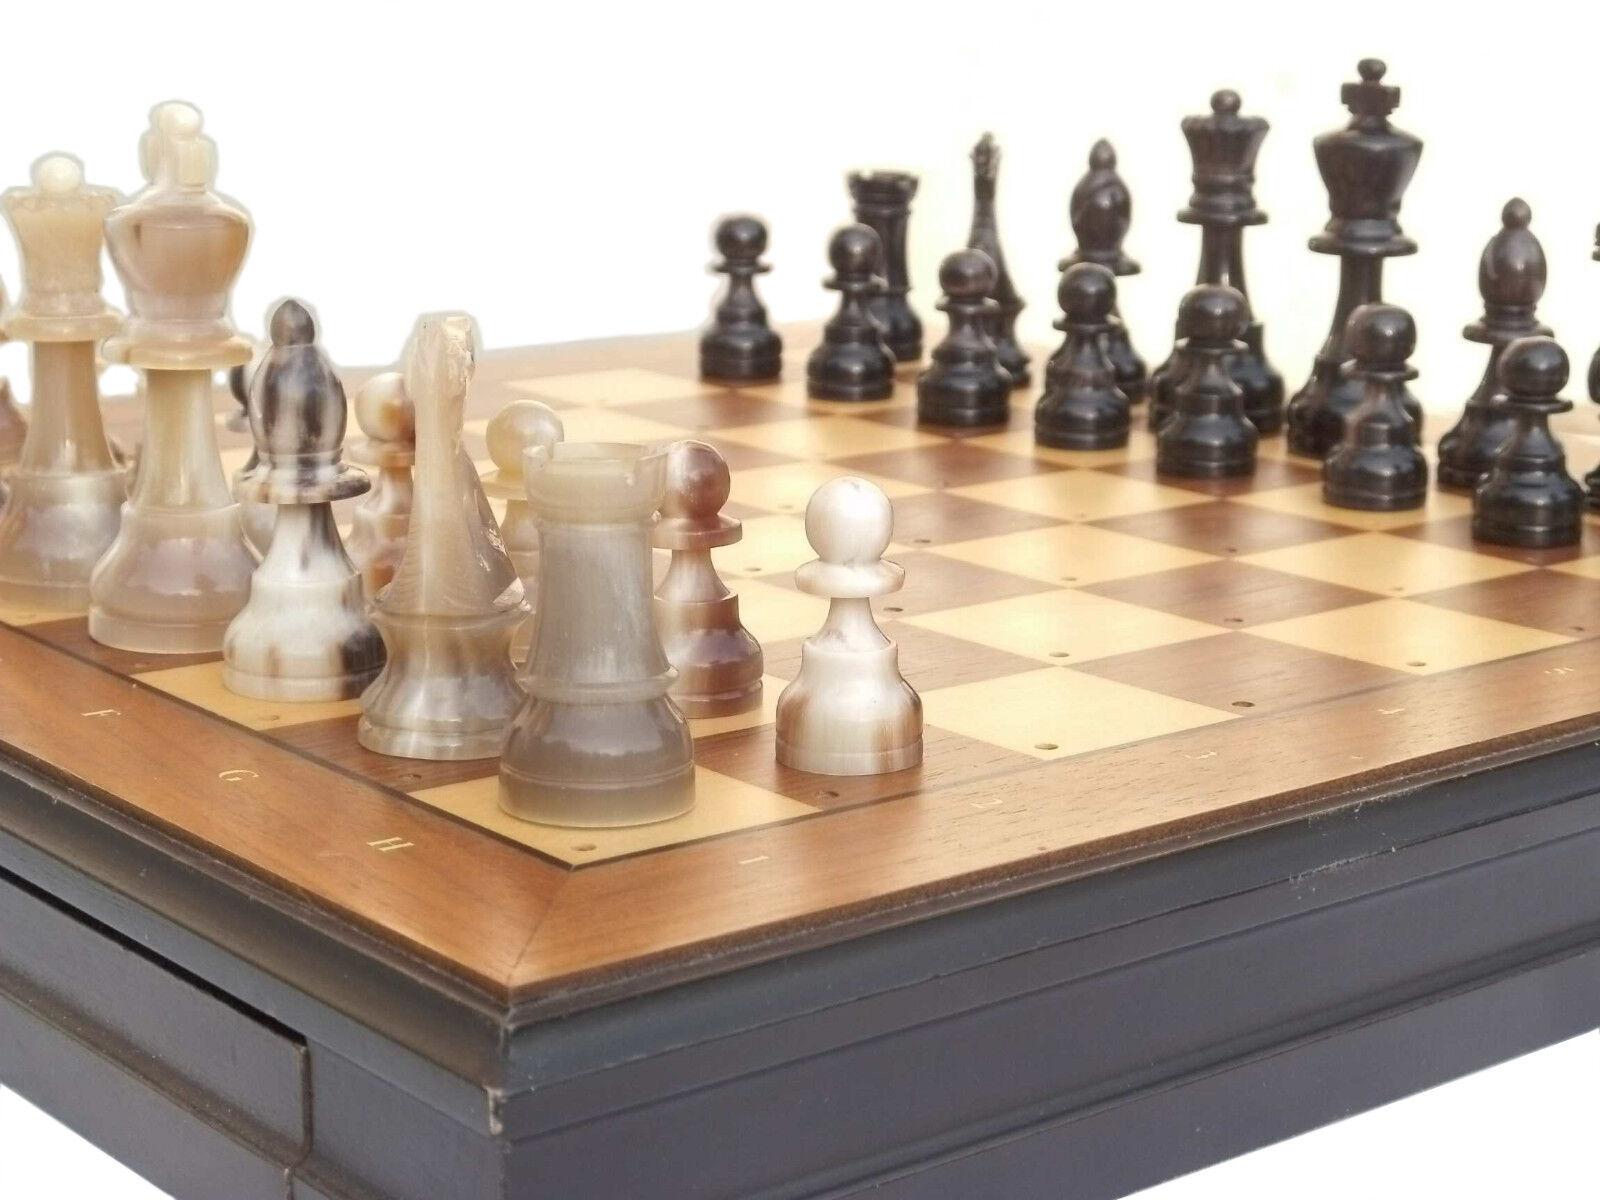 Edle Edle Edle Schachfiguren aus Horn Büffelhorn Handgefertigt  Extrem Hochwertig a28f40